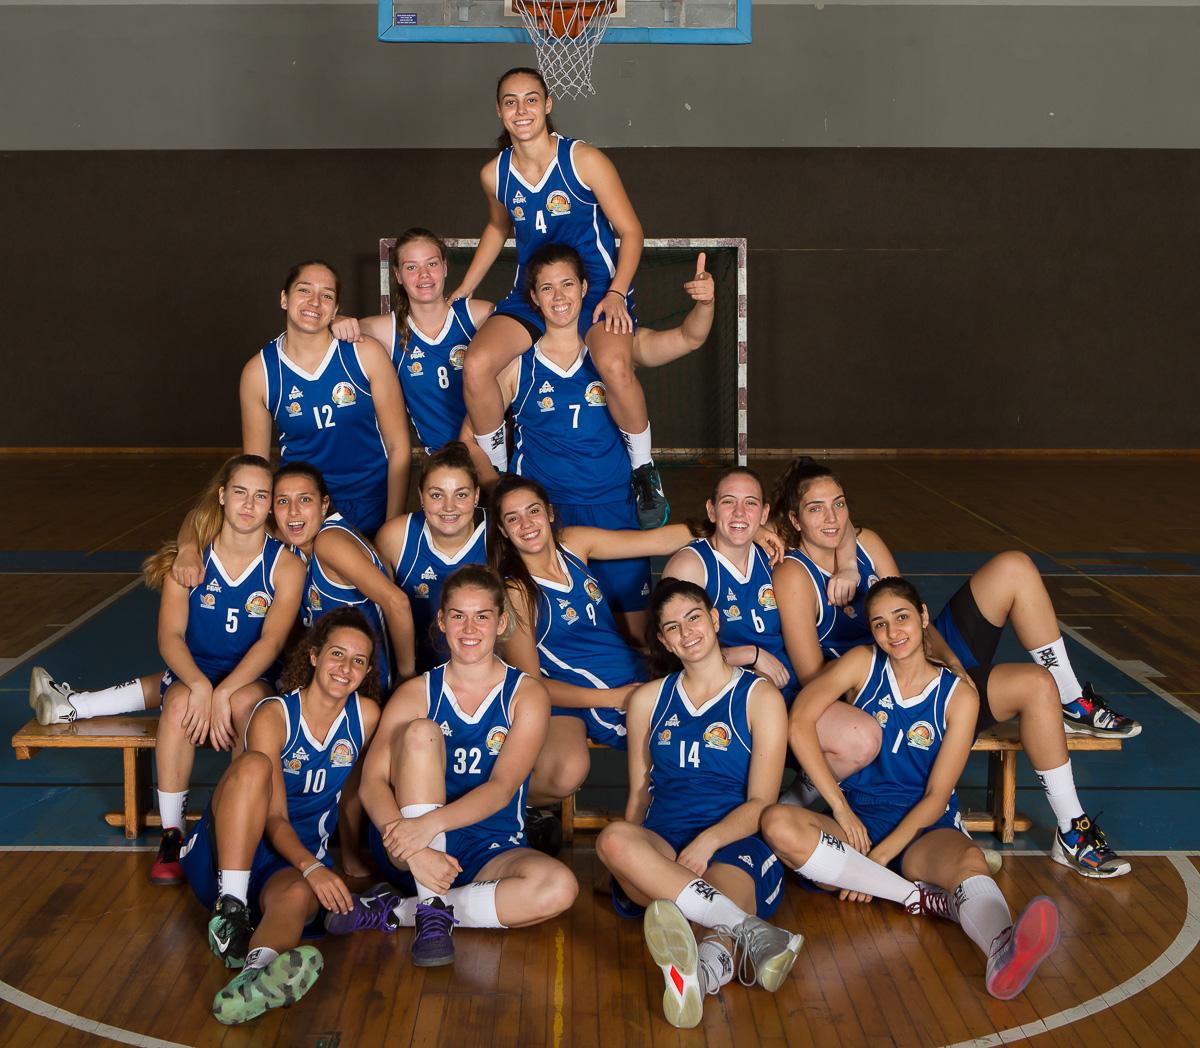 האקדמיה לבנות תשתתף בטורניר בברצלונה